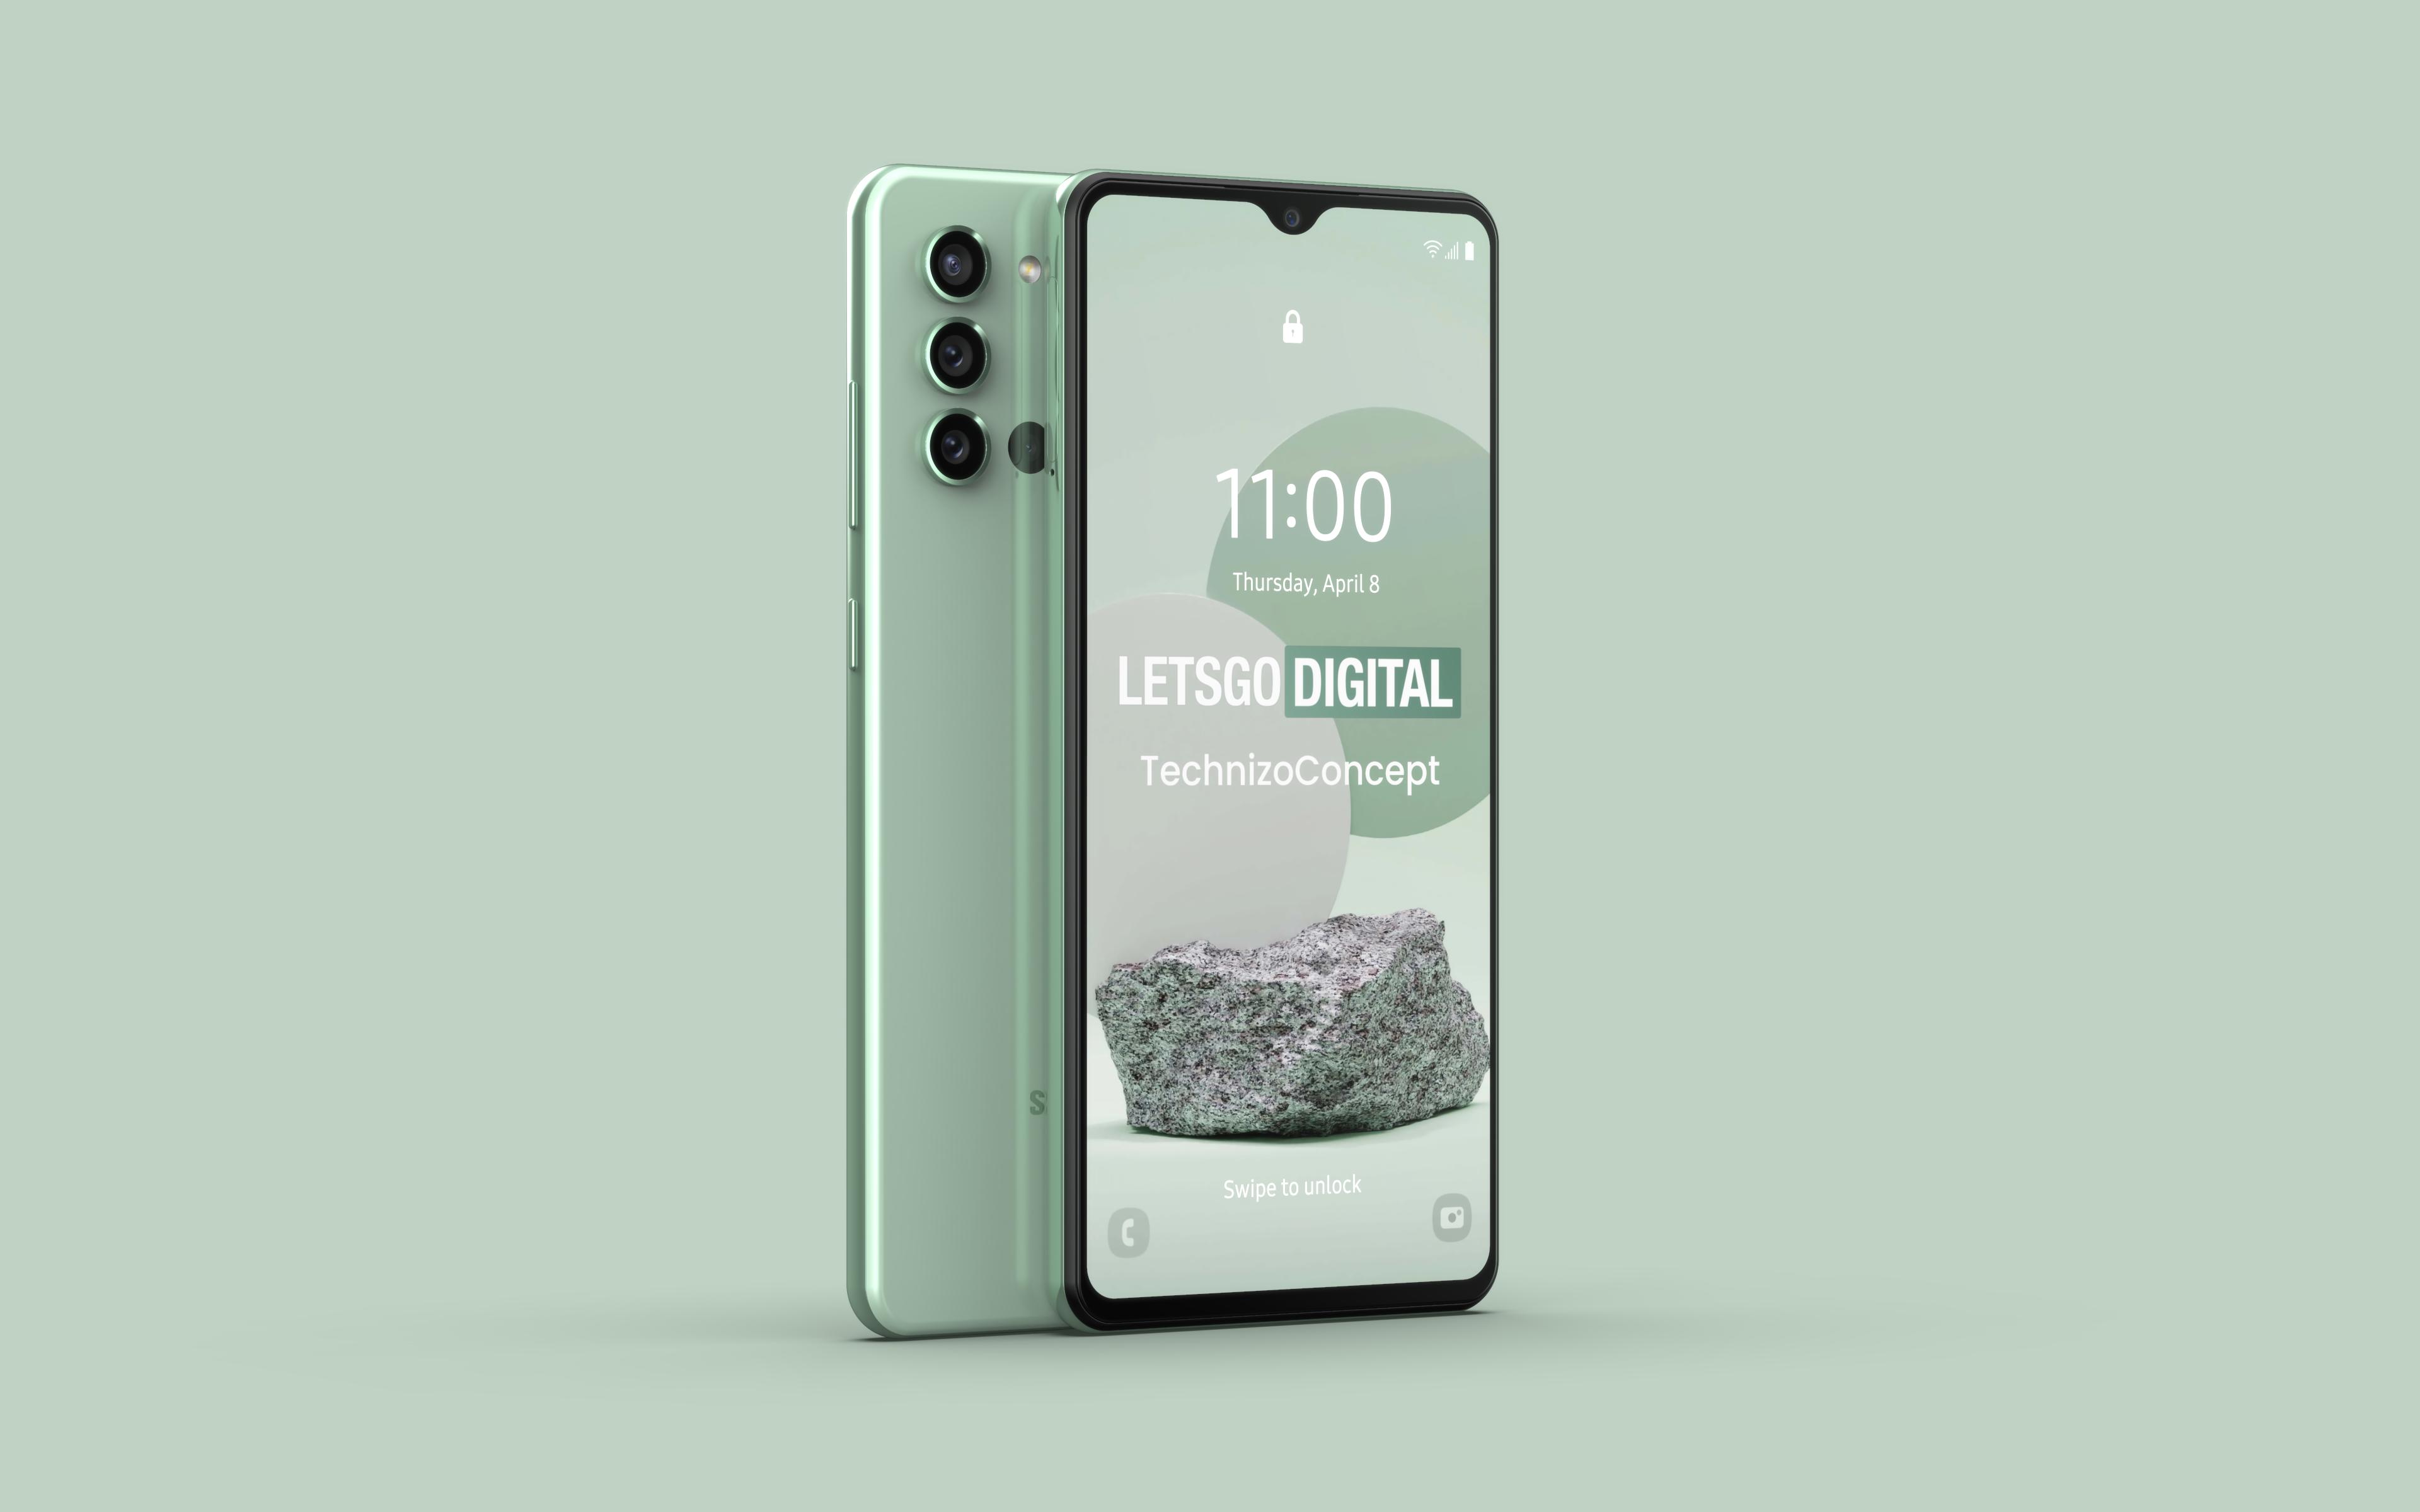 Так будет выглядеть Galaxy A22 5G: самый дешёвый 5G-смартфон Samsung с чипом MediaTek Dimensity 700